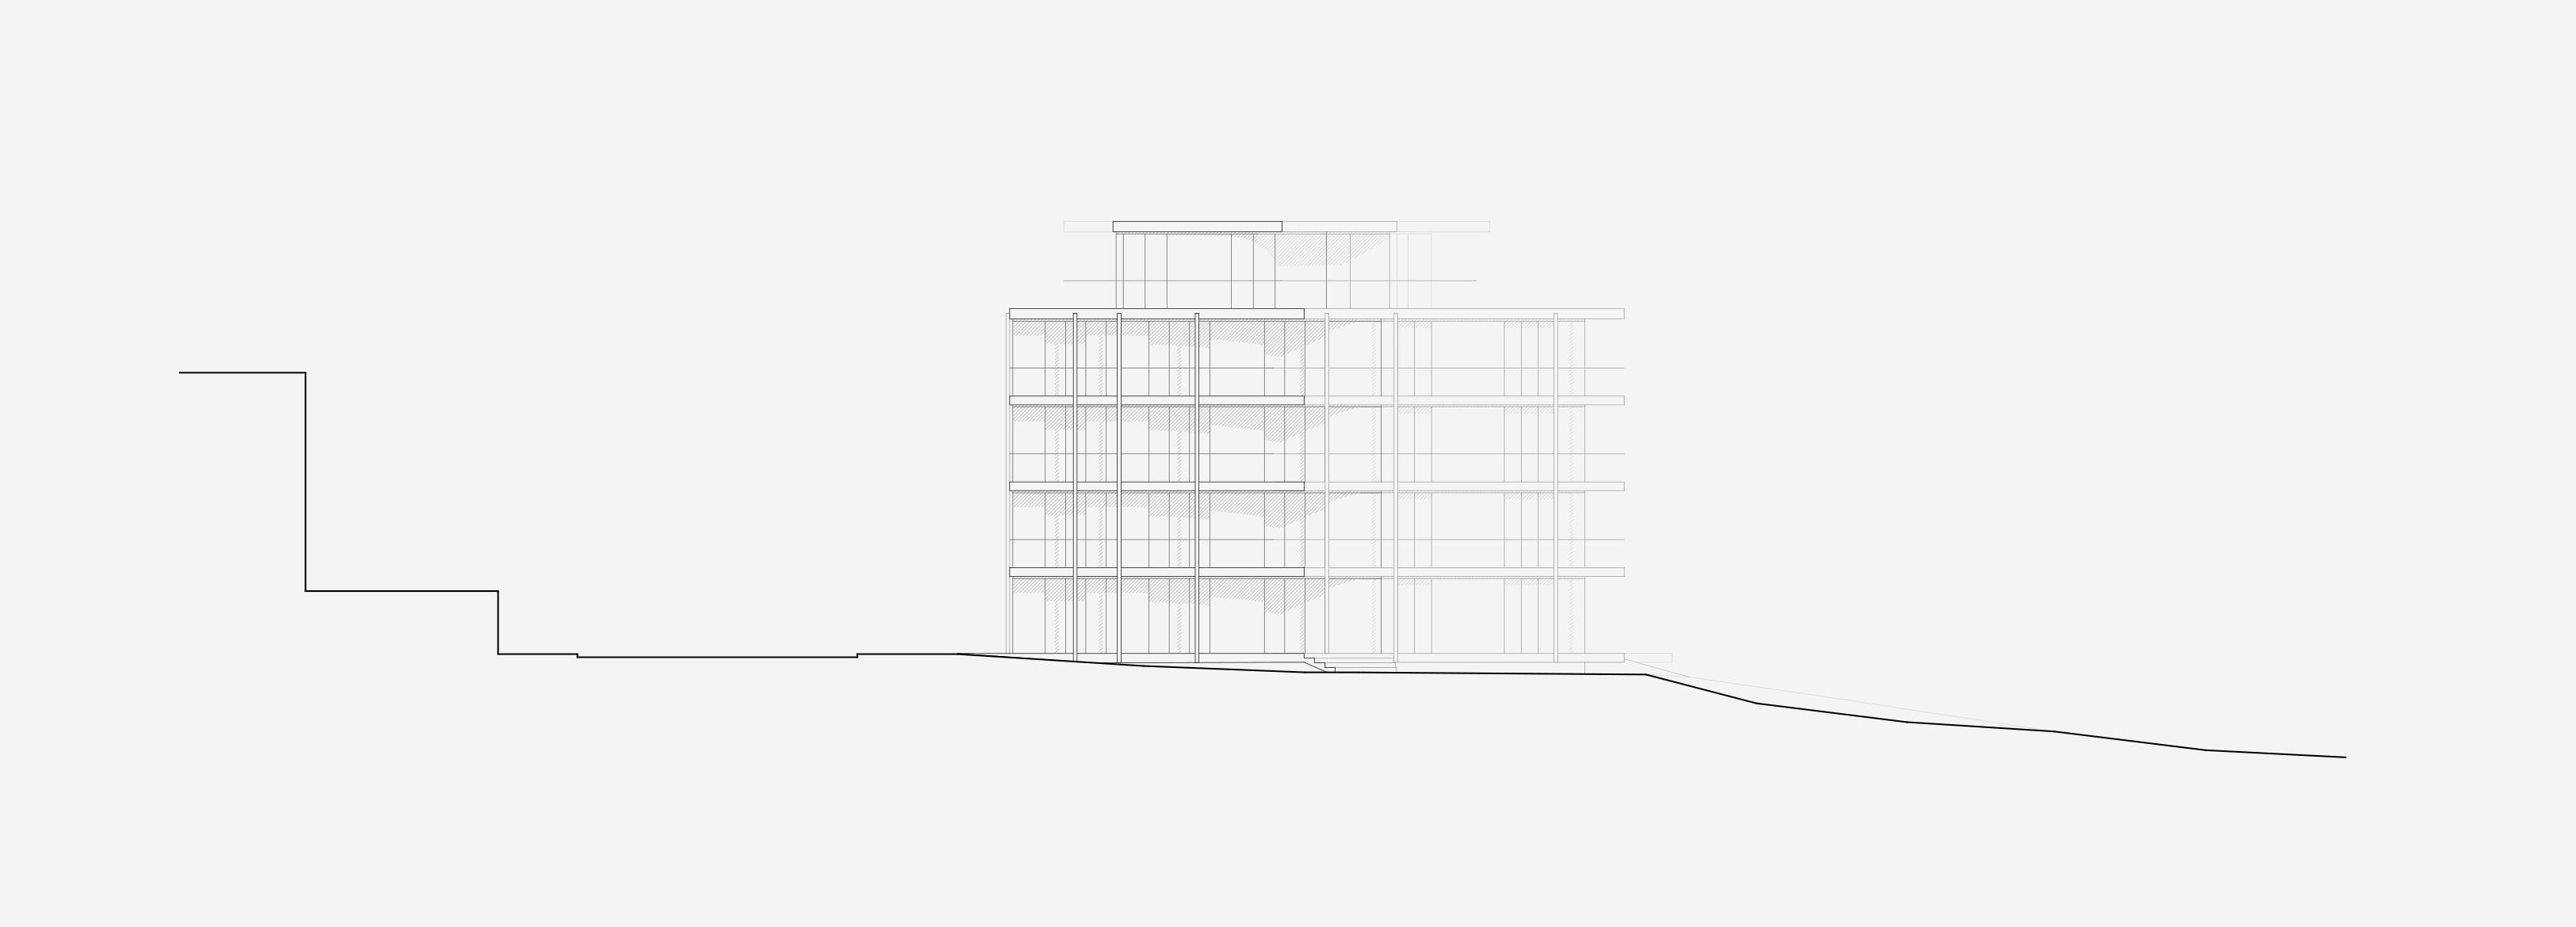 Neubau Wohnhaus Forelhausstiftung Zürich: Ostfassade